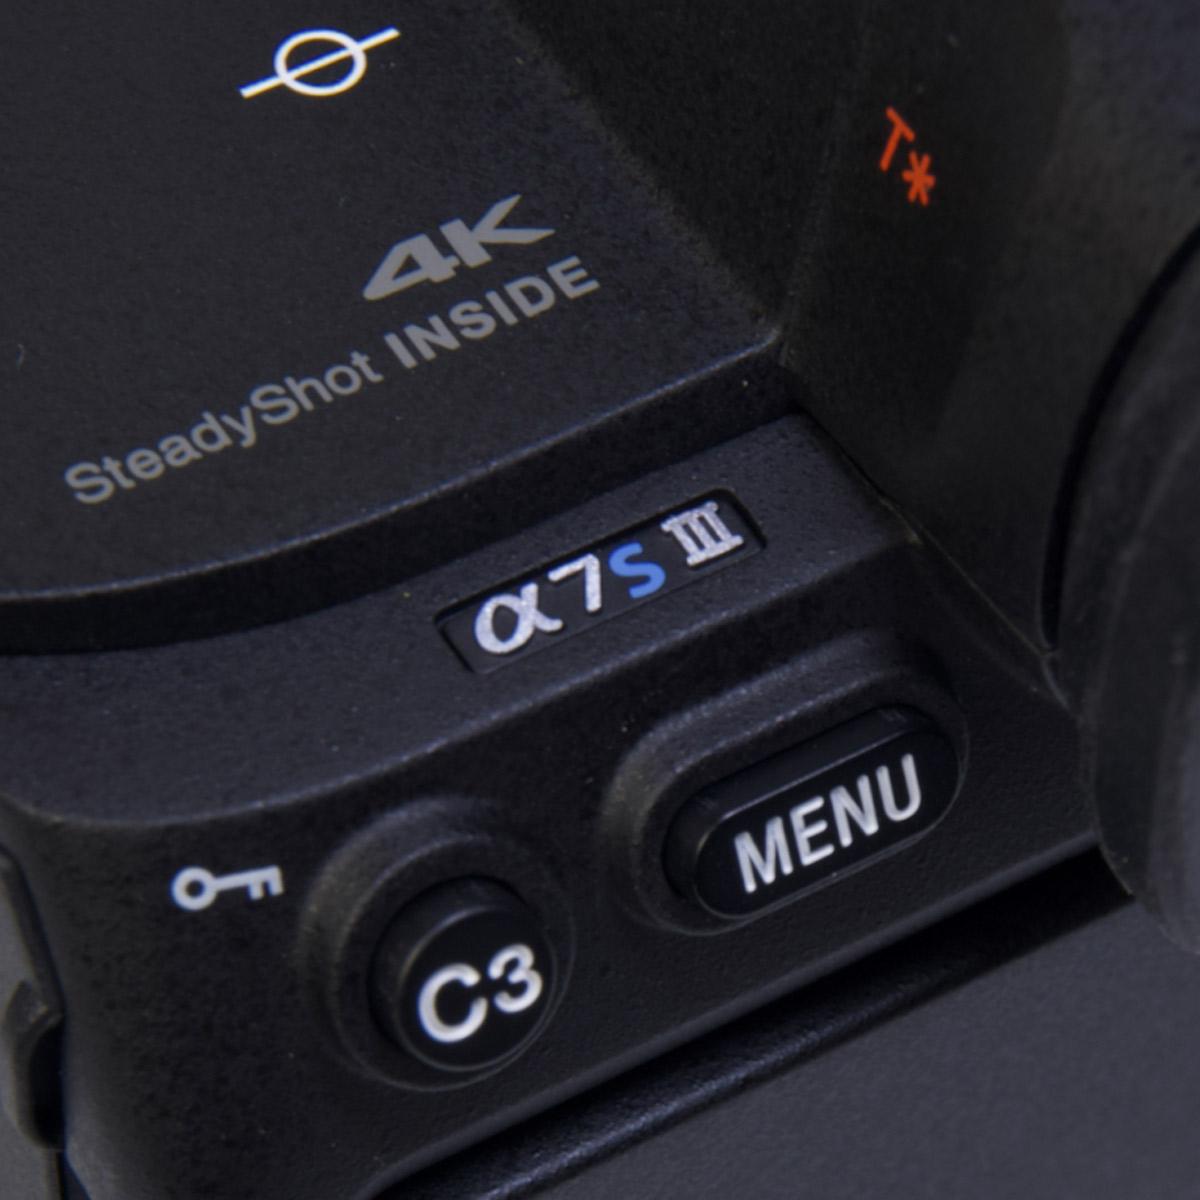 ソニー「α7S III」:動画向けミラーレスカメラの最高峰モデルを先行レビュー